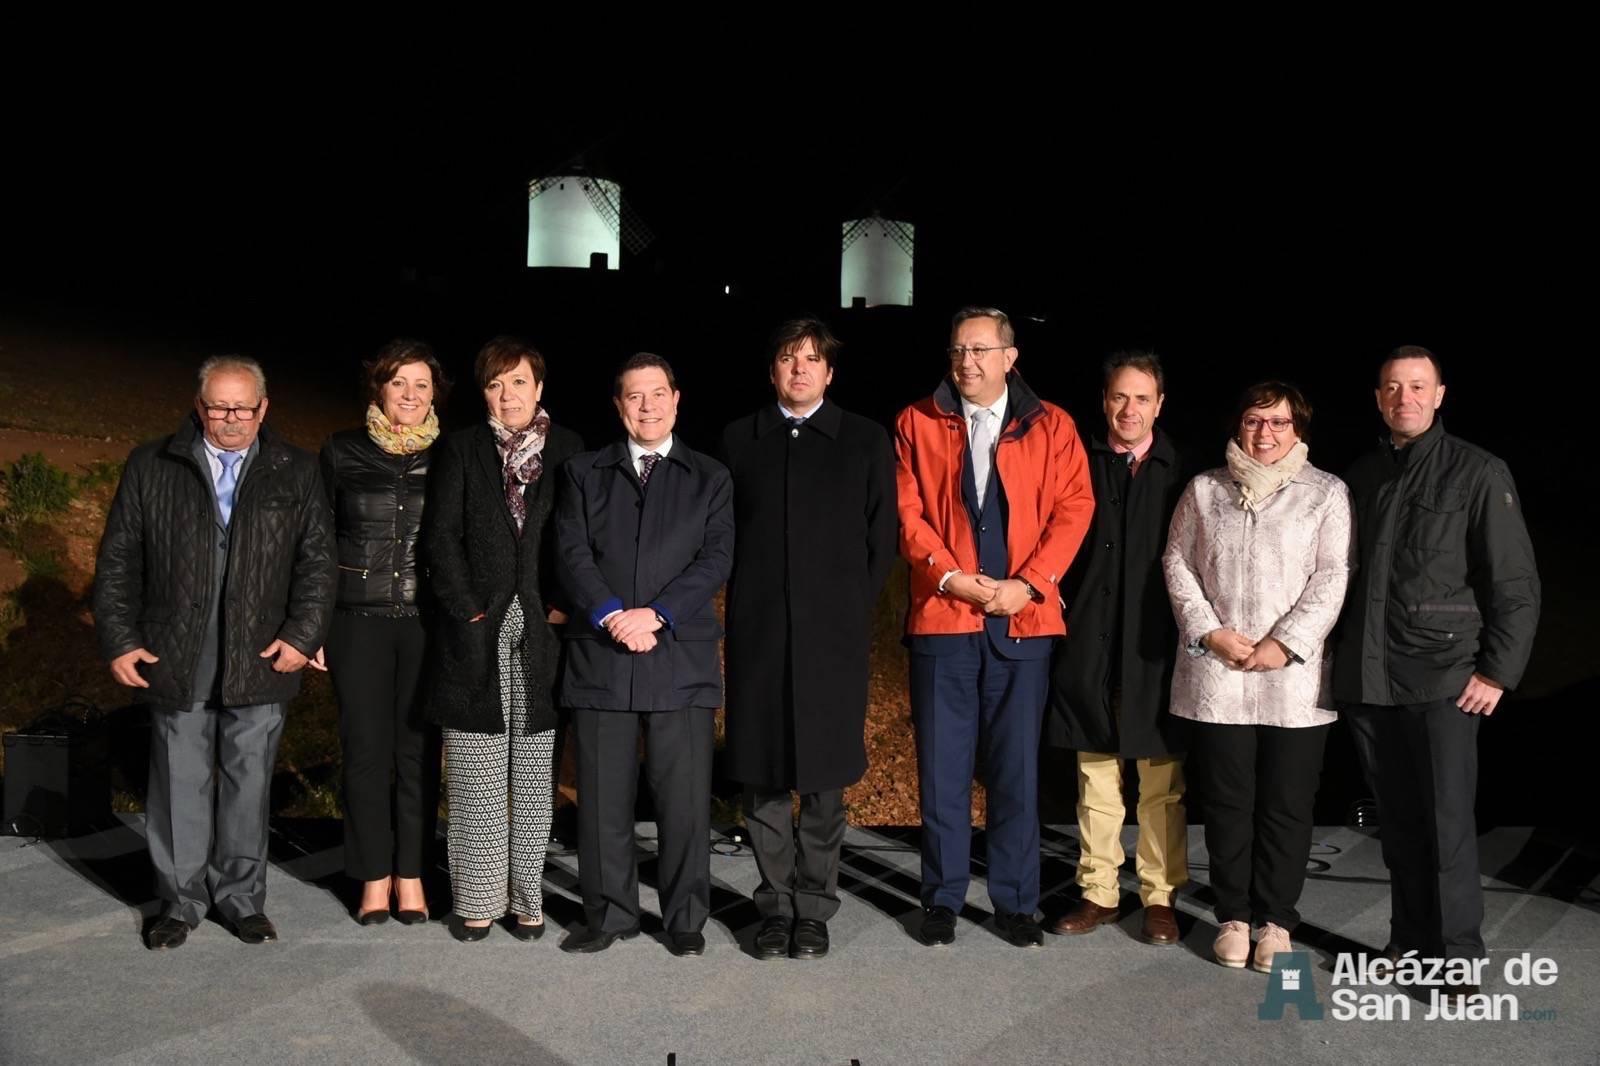 iluminacion artistica moninos viento alcazar san juan 1 - Los molinos de viento de Castilla-La Mancha con iluminación artística como reclamo artístico